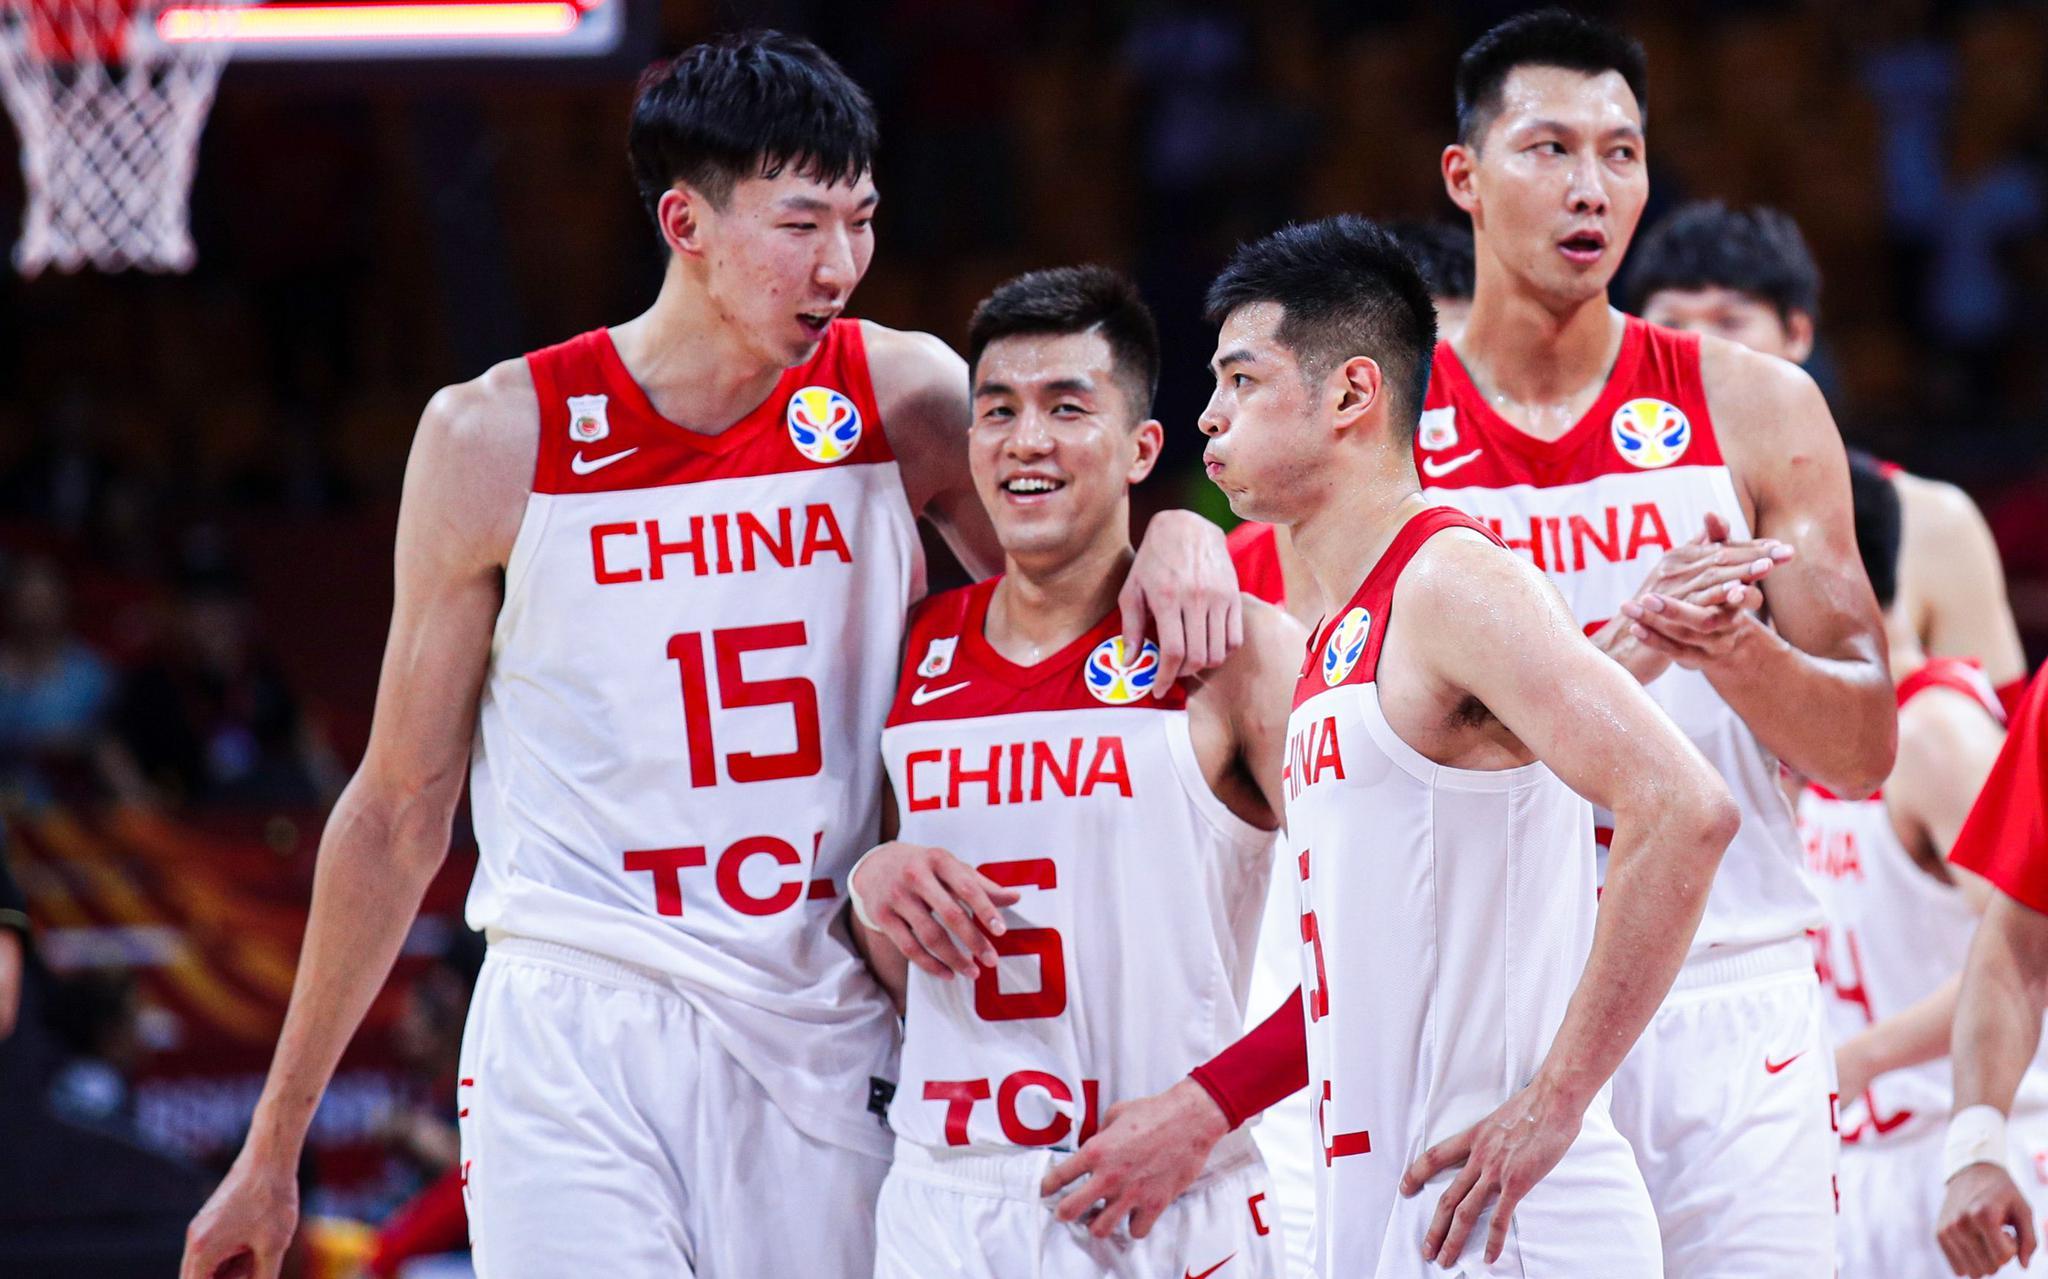 最后一战:若战胜尼日利亚队 中国男篮可直通奥运